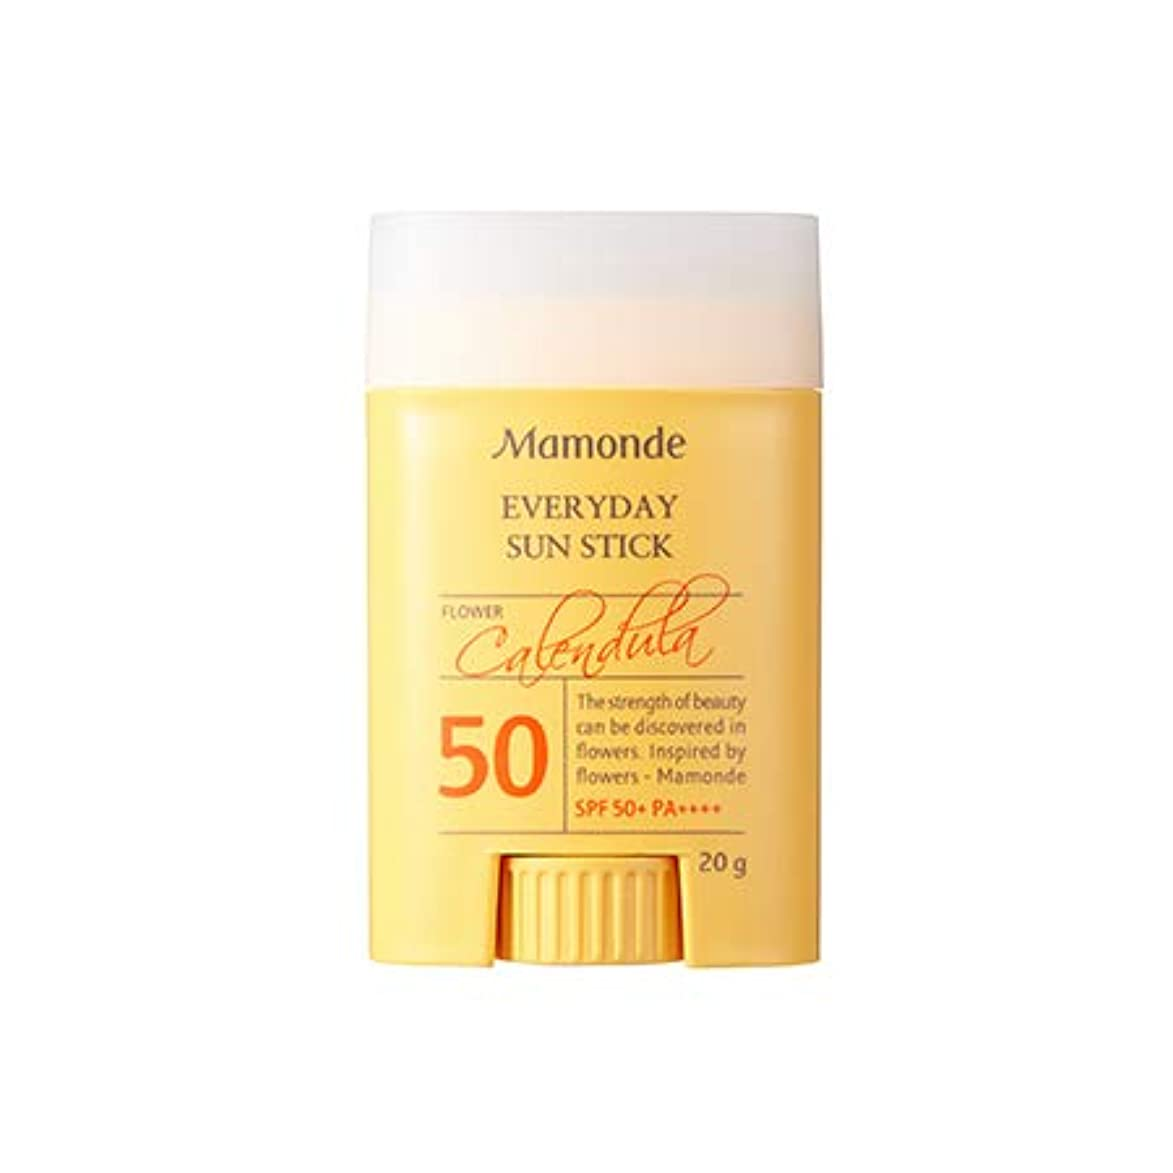 天気中世の進捗Mamonde Everyday Sun Stick 20g マモンド エブリデーサンスティック (SPF50+/PA++++) [並行輸入品]